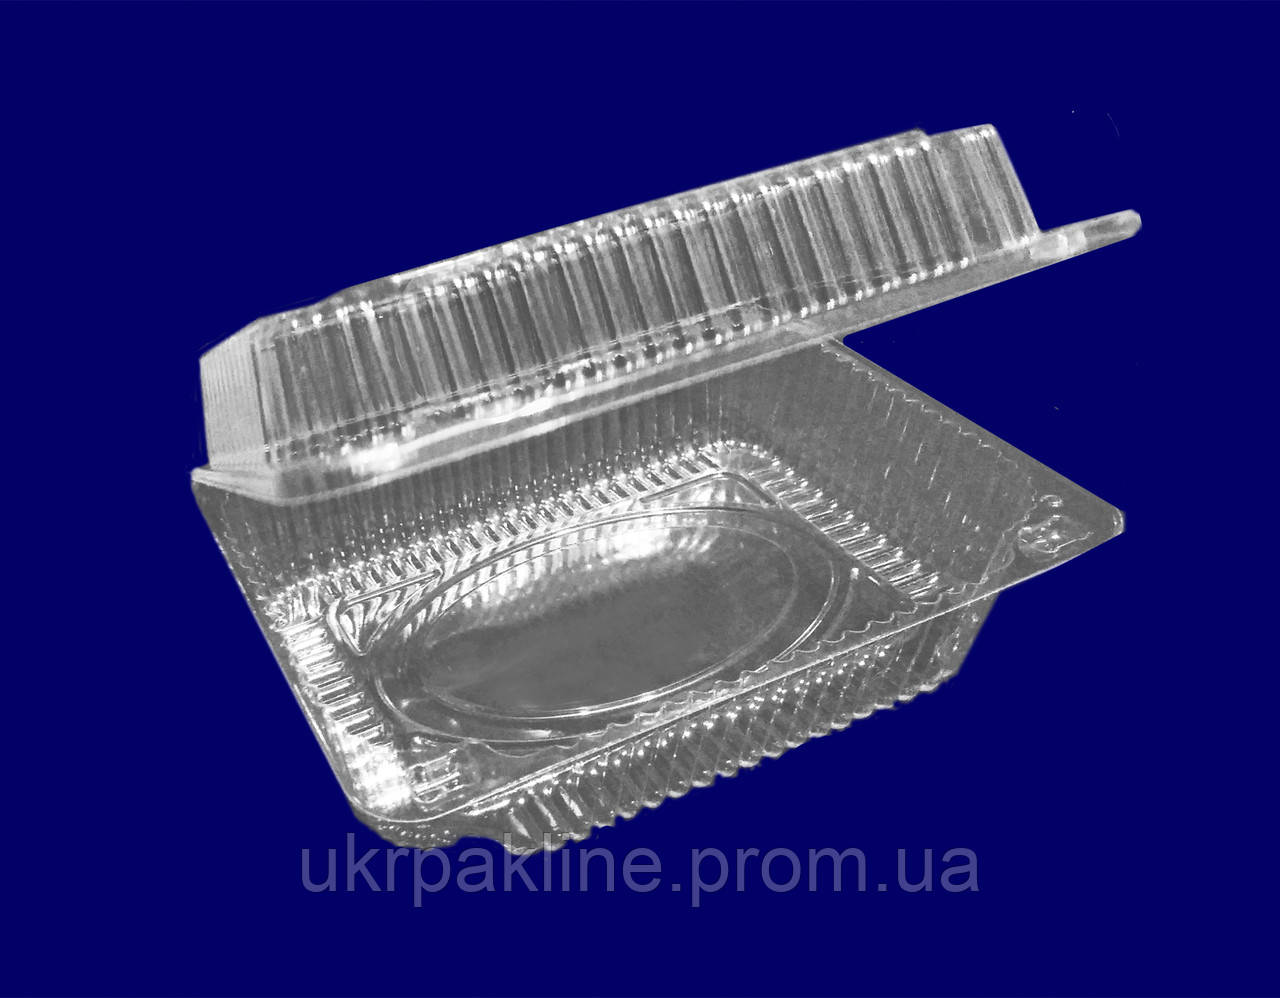 Универсальный контейнер прямоугольной формы арт. 37